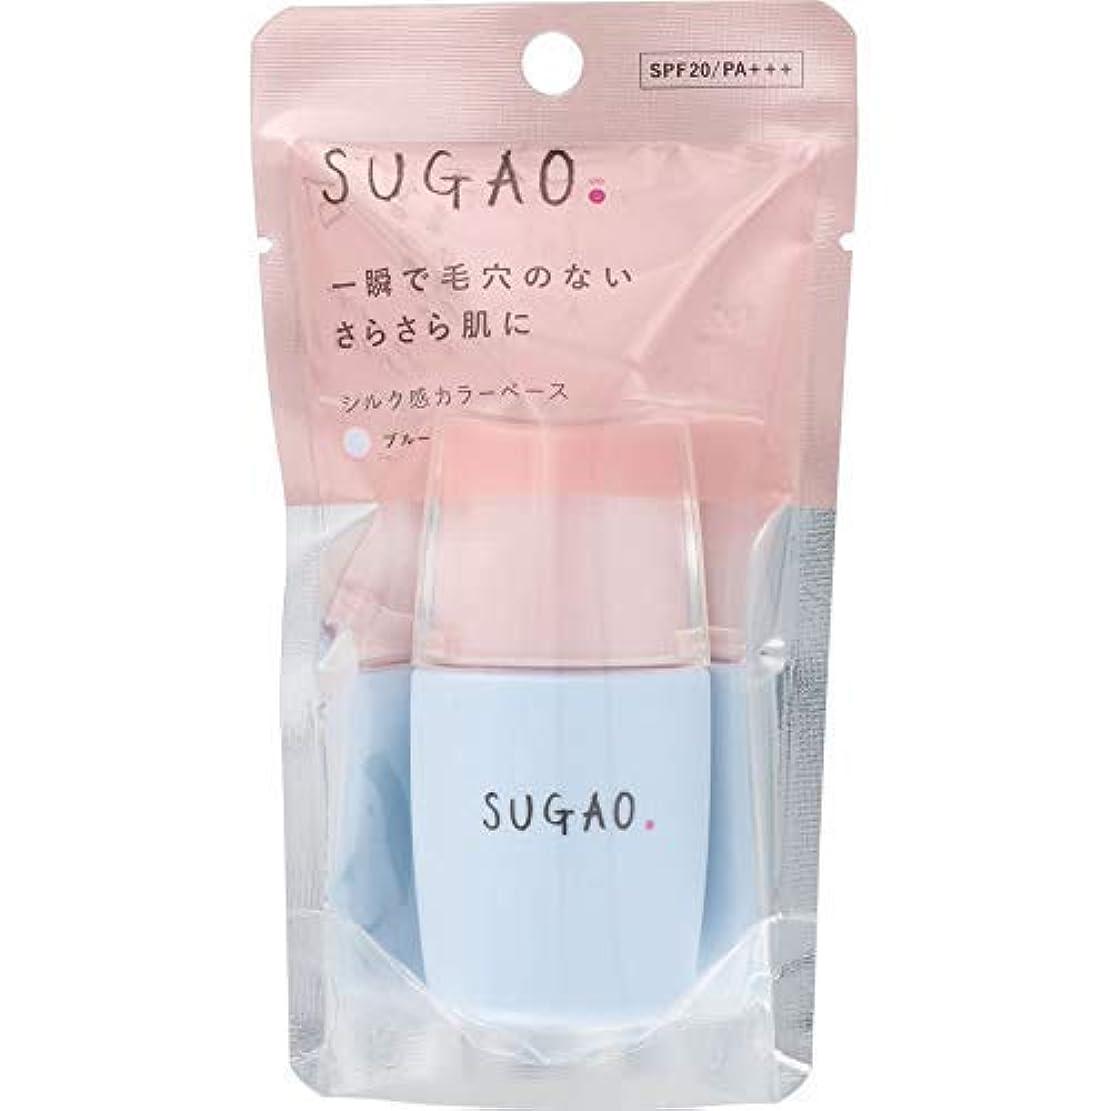 読みやすいスリンクオペラSUGAO シルク感カラーベース ブルー × 3個セット